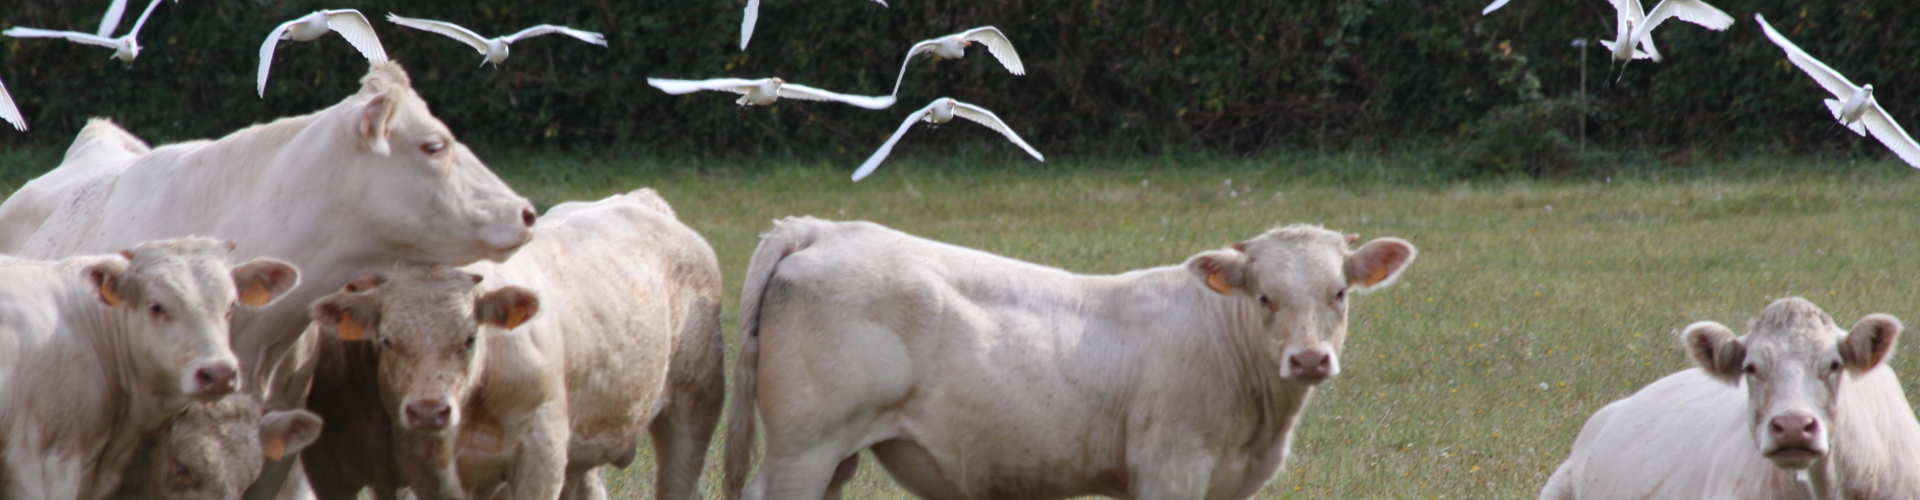 Koeien vogels weiland